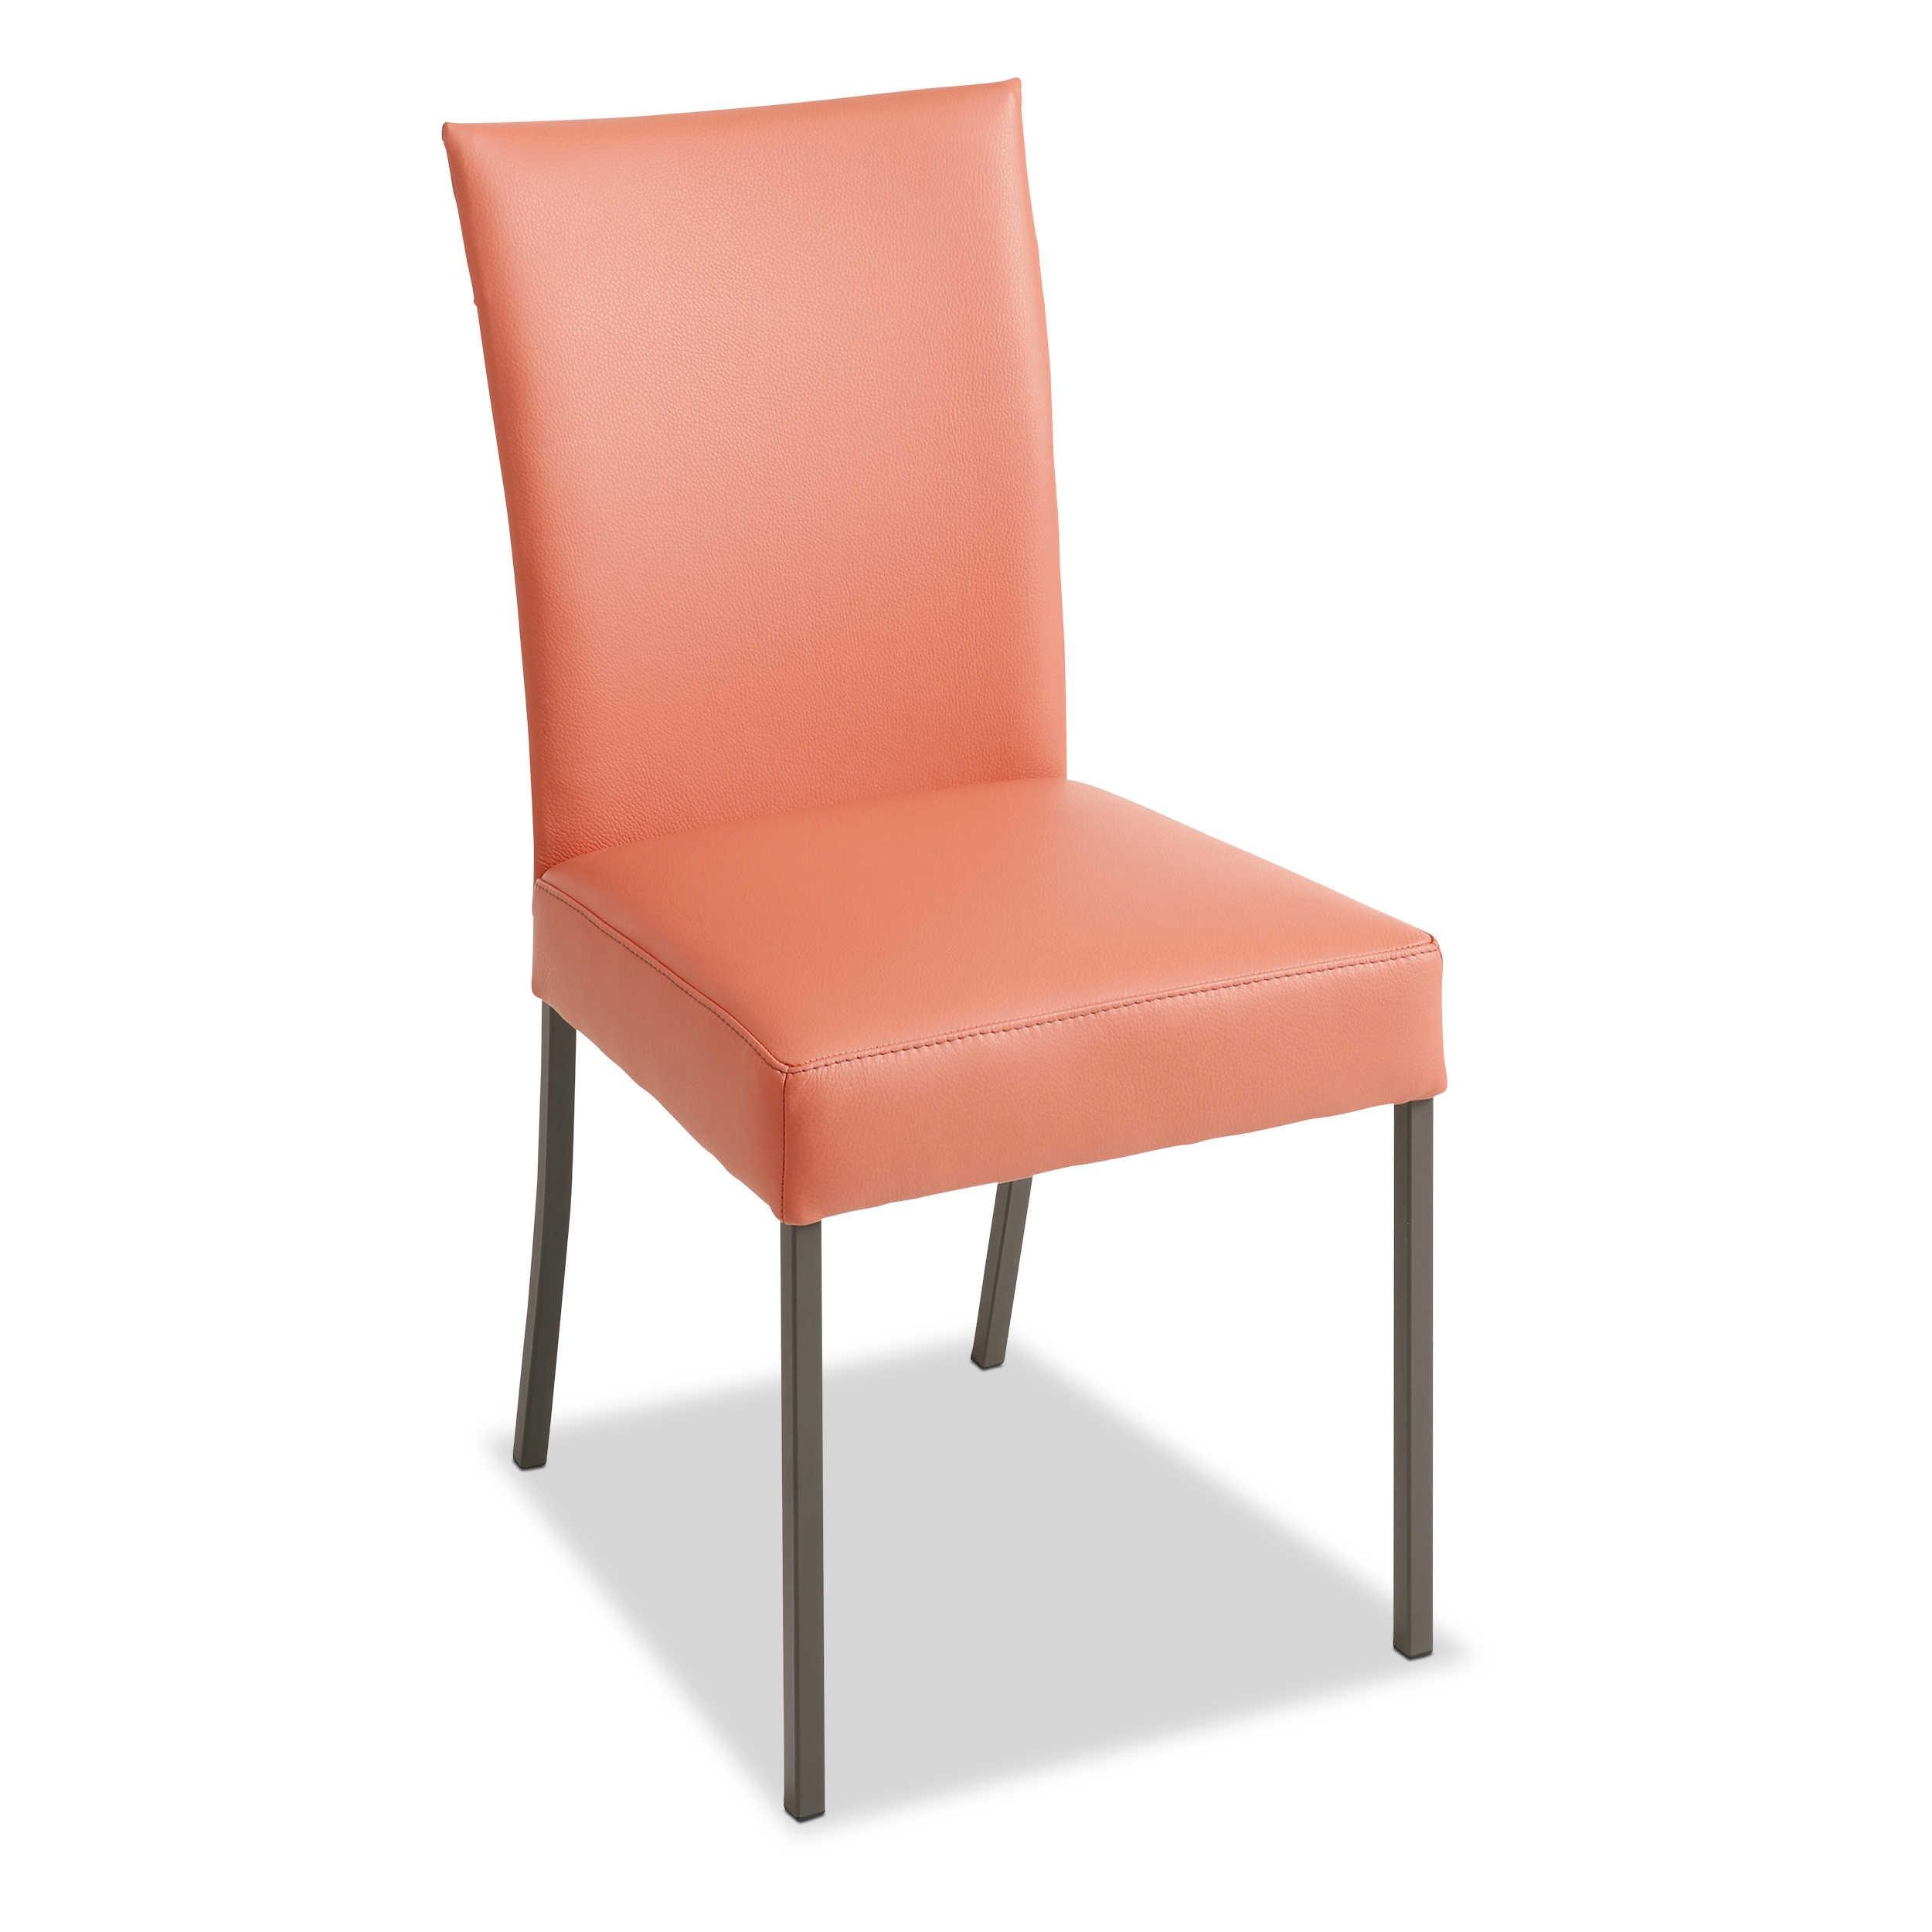 Musterring Stuhl Nova N 1008 Rosa Leder online kaufen bei